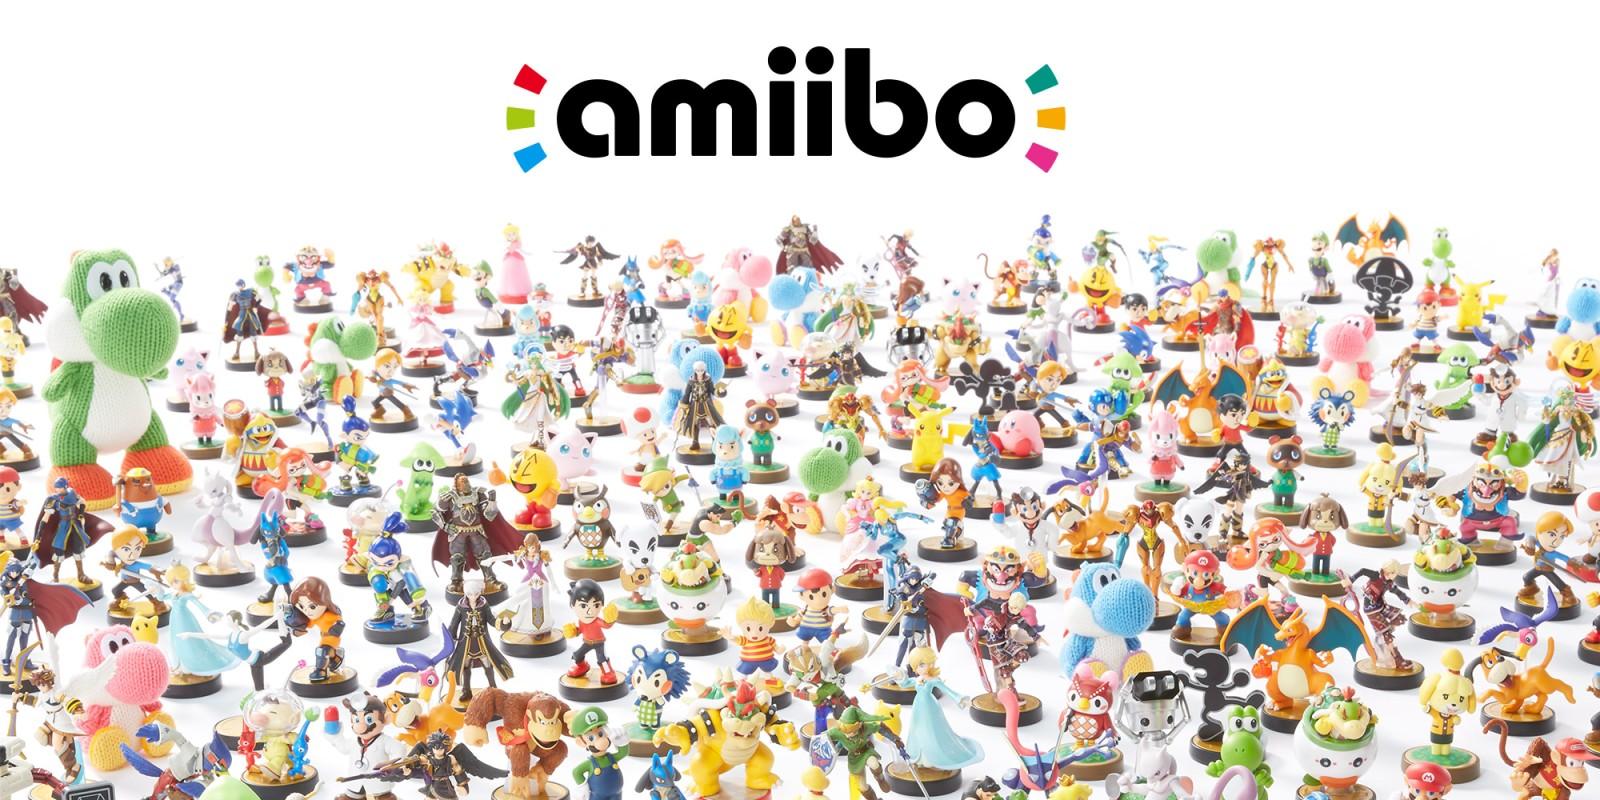 Kết quả hình ảnh cho Nintendo amiibo